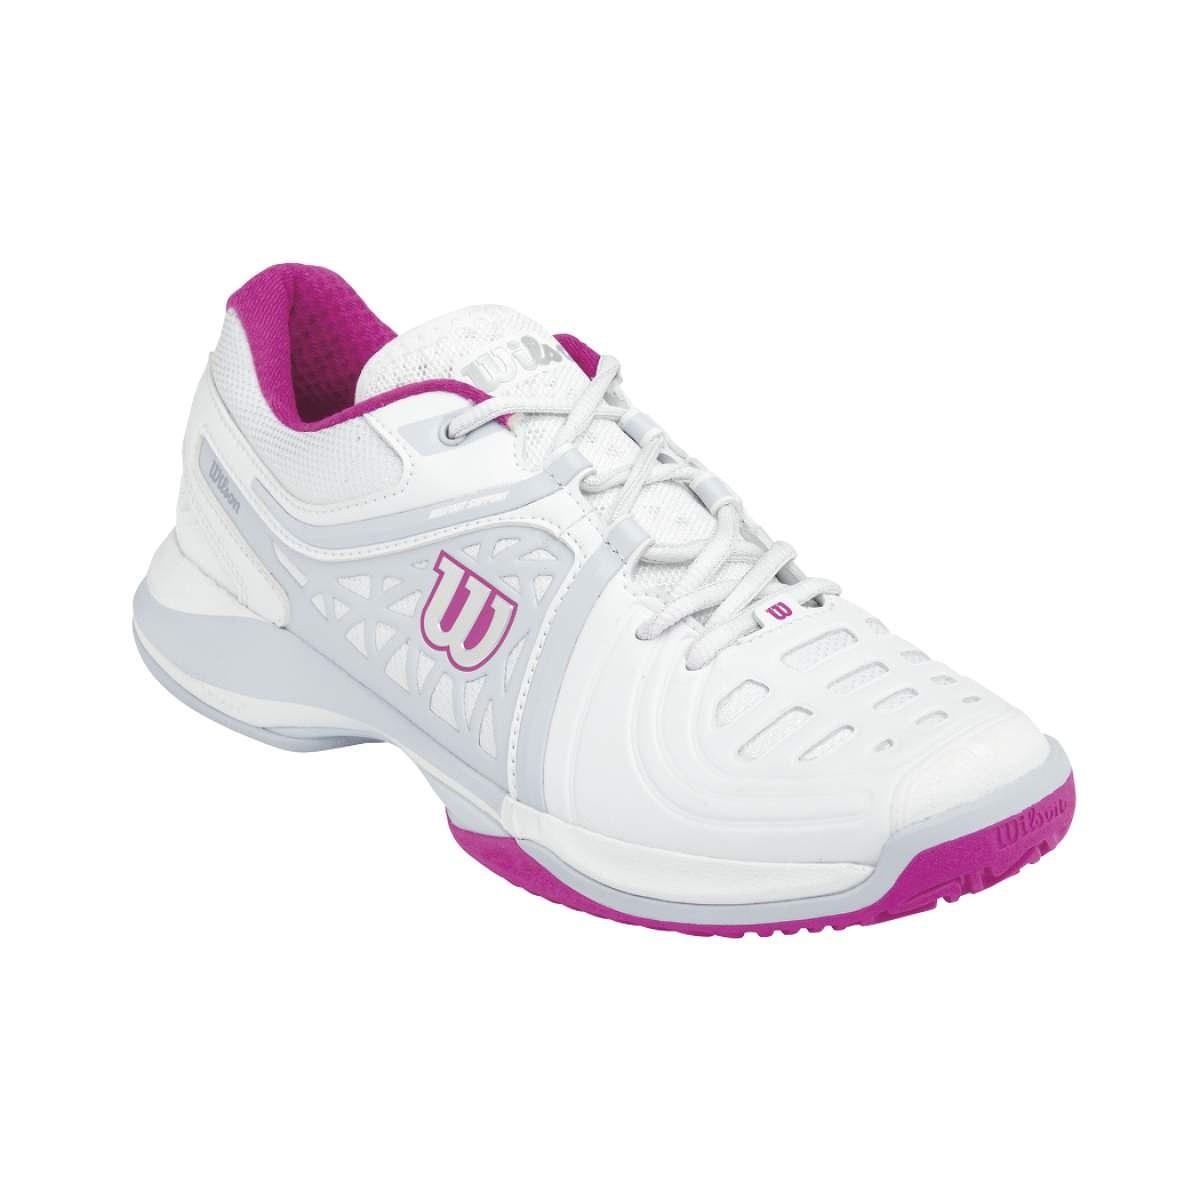 Buty tenisowe damskie Wilson NVision Elite Women's - Wyprzedaż!